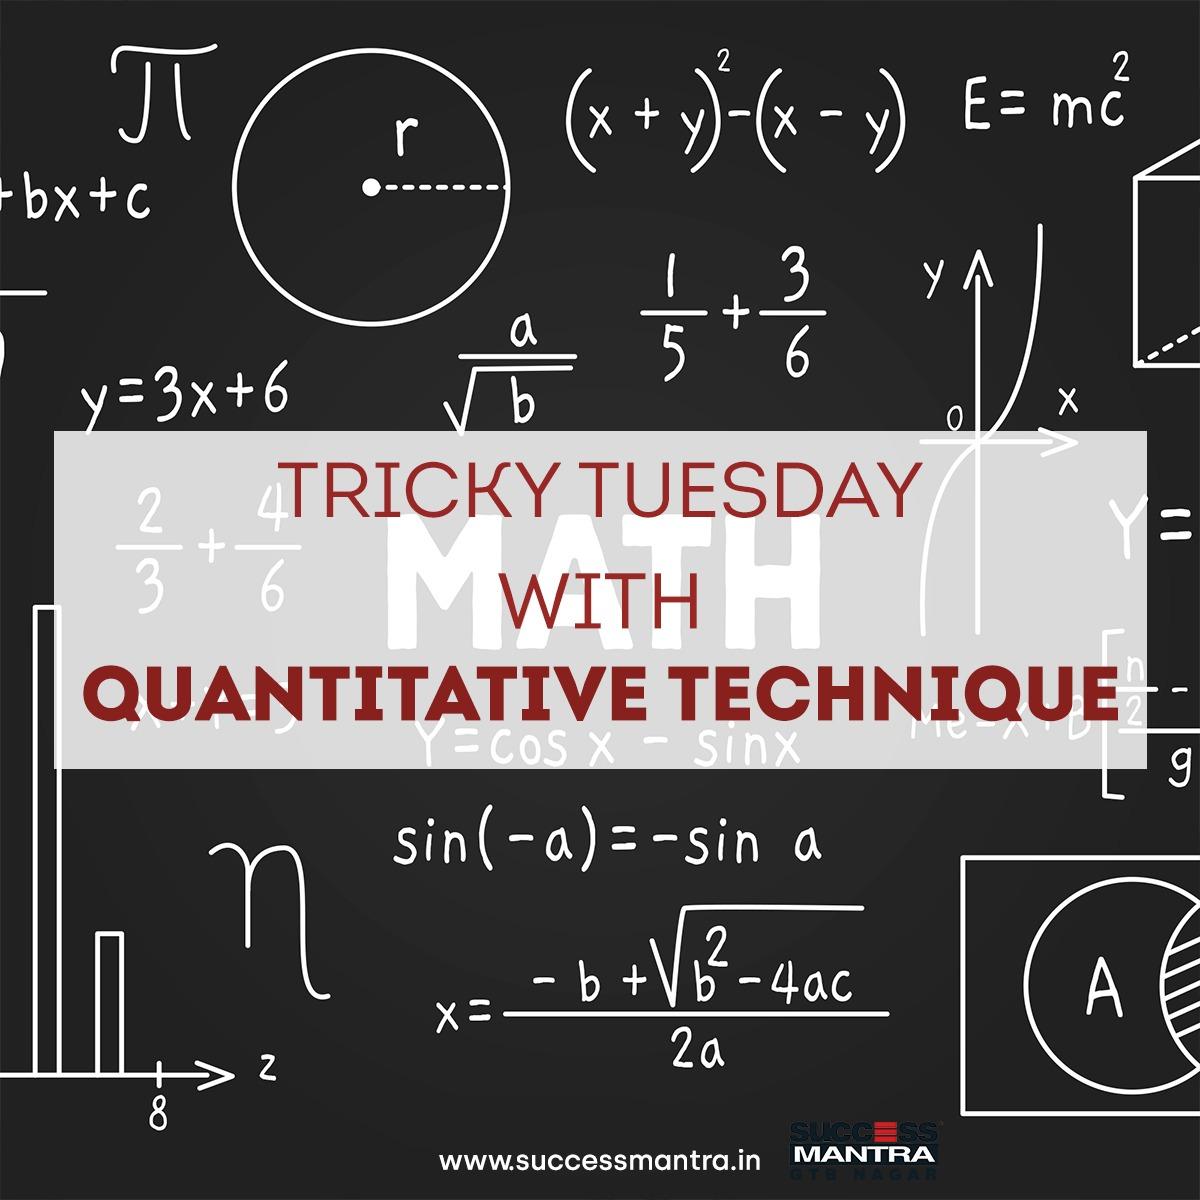 Questions On Quantitative Techniques SMQTQ013